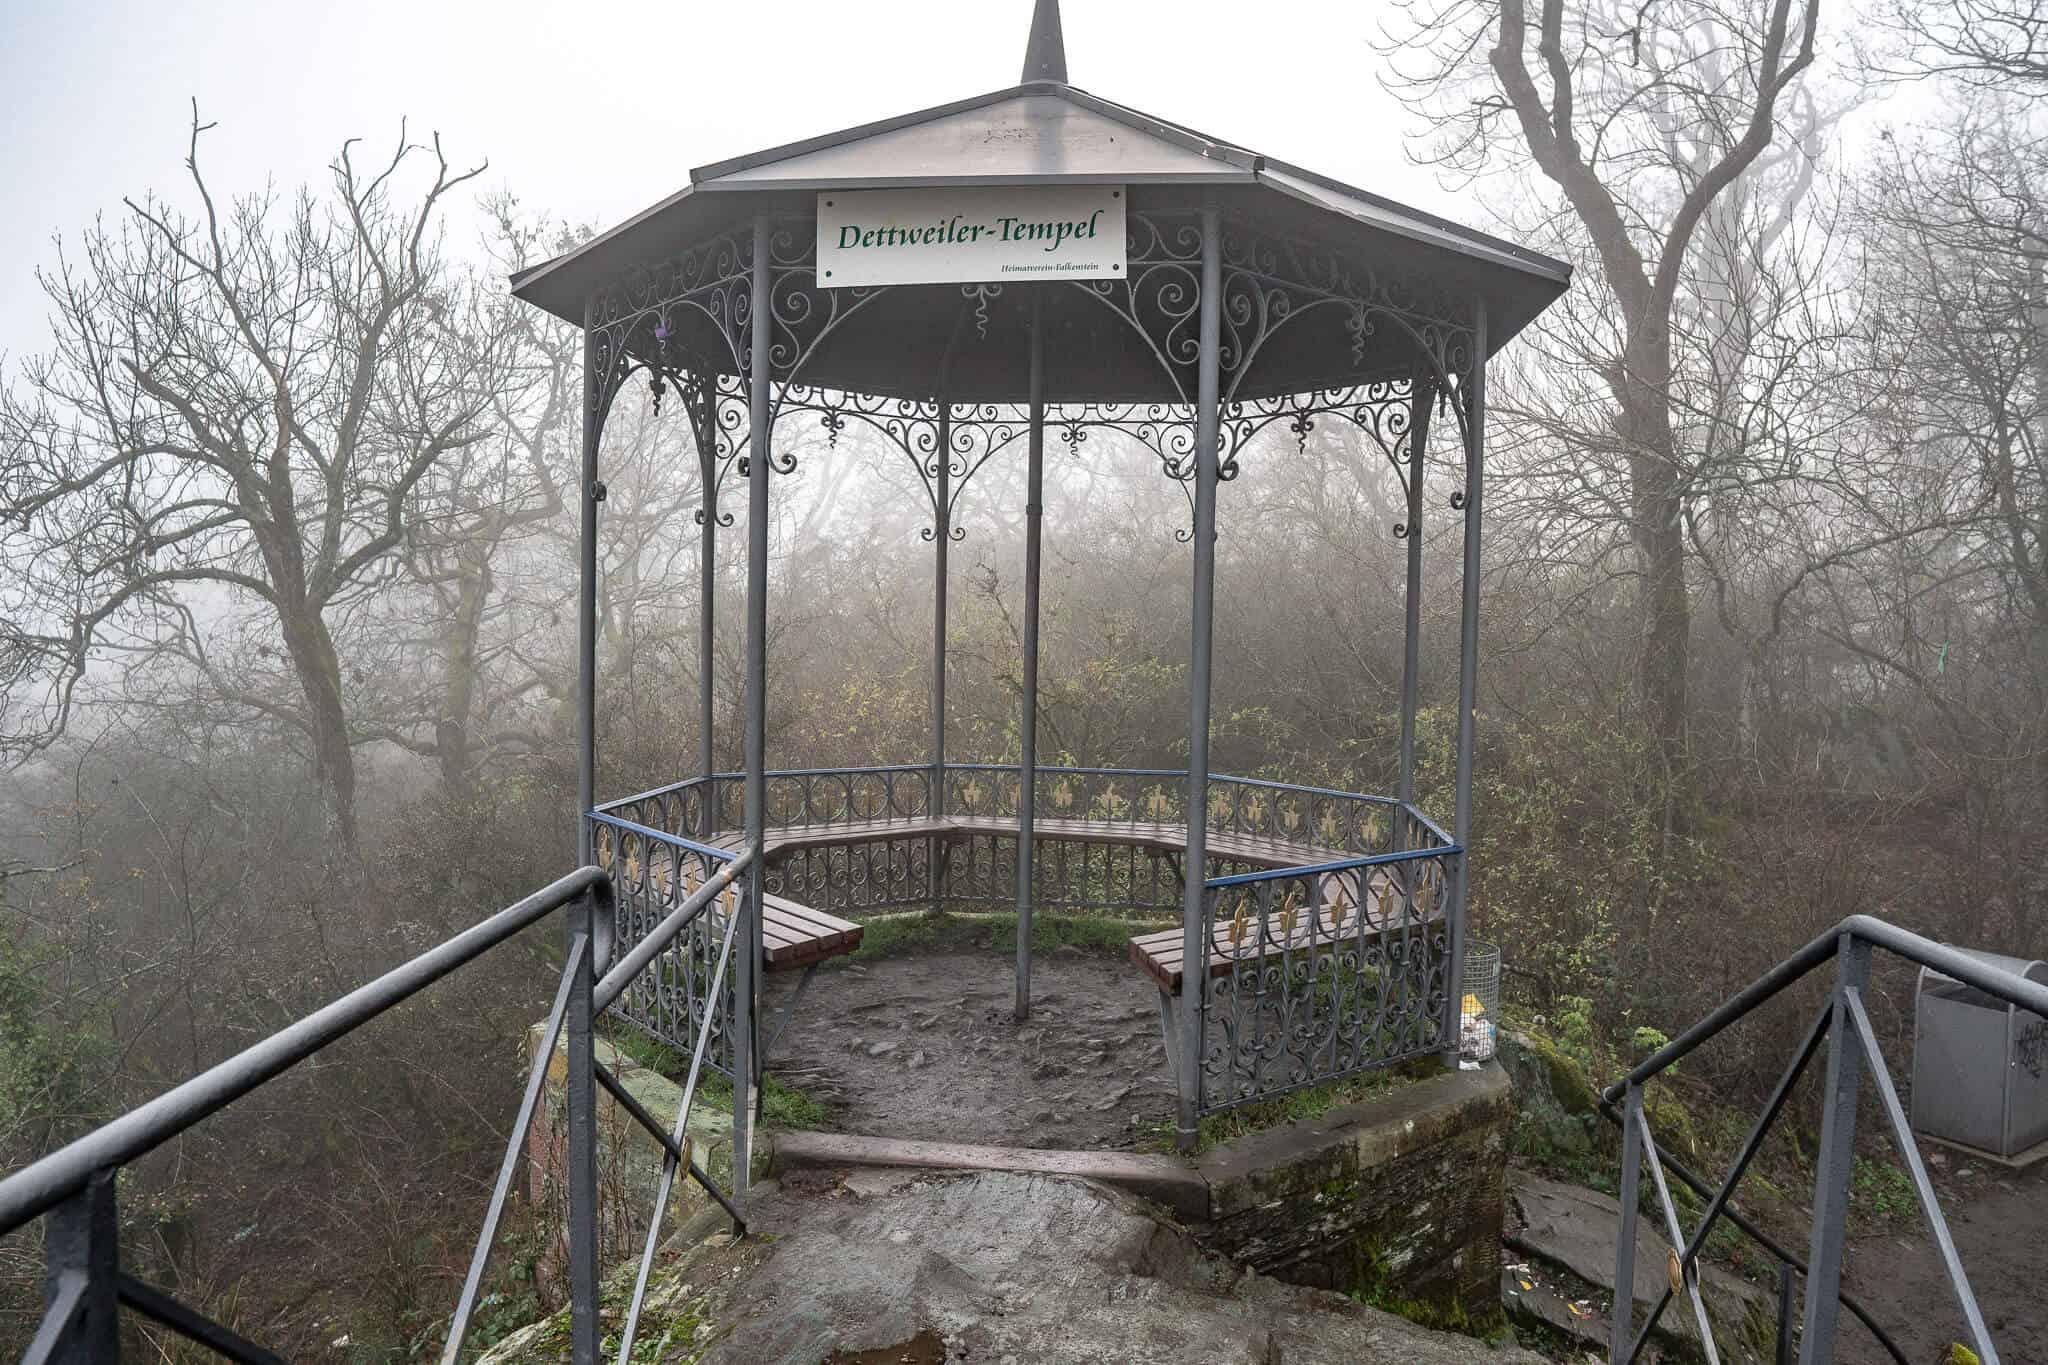 Dettweiler Tempel im Nebel